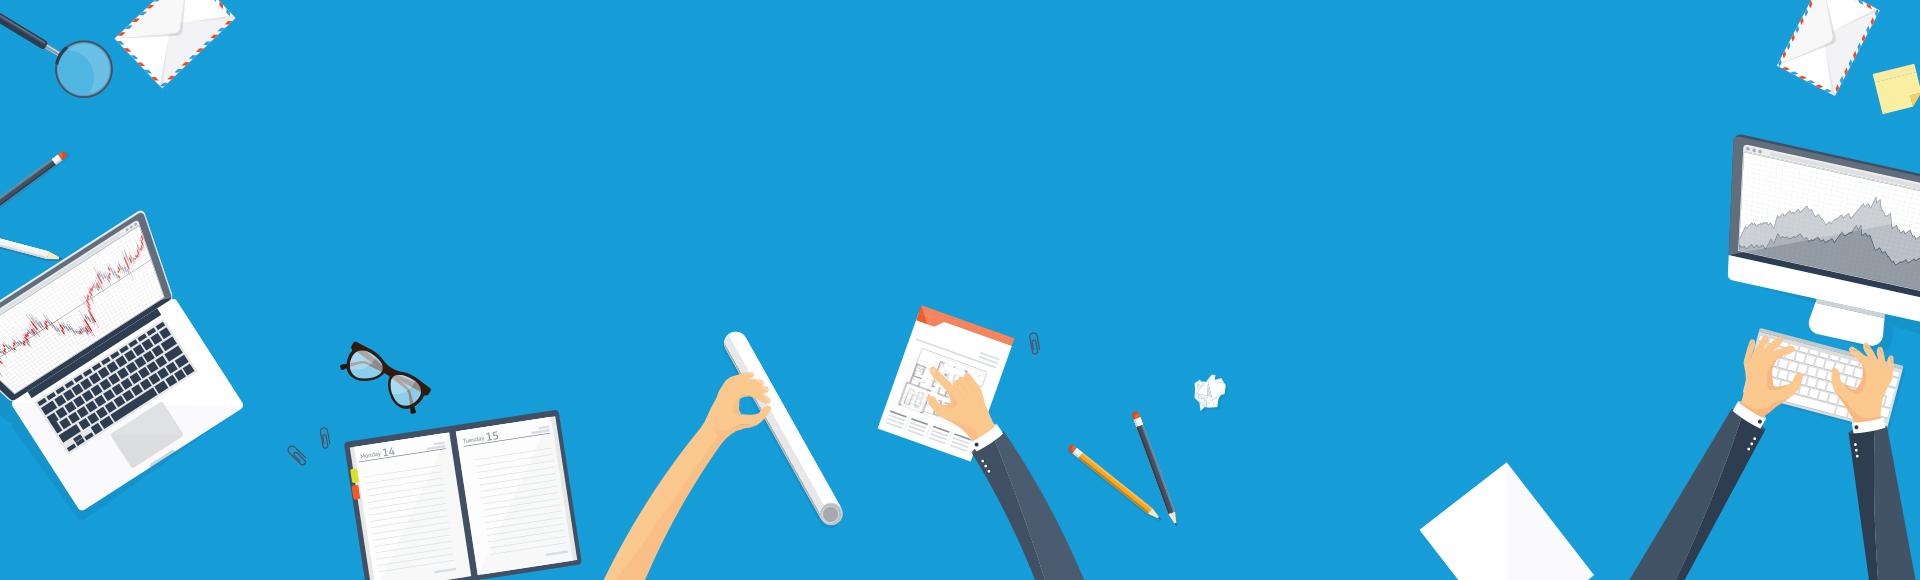 Cabinet financier Boyer-Royan-Rachat de credits-credit immobilier, pret professionnel, assurance de pret, mensualites allegees, serenite retrouve, locataire, proprietaire, illustration ecran 1920